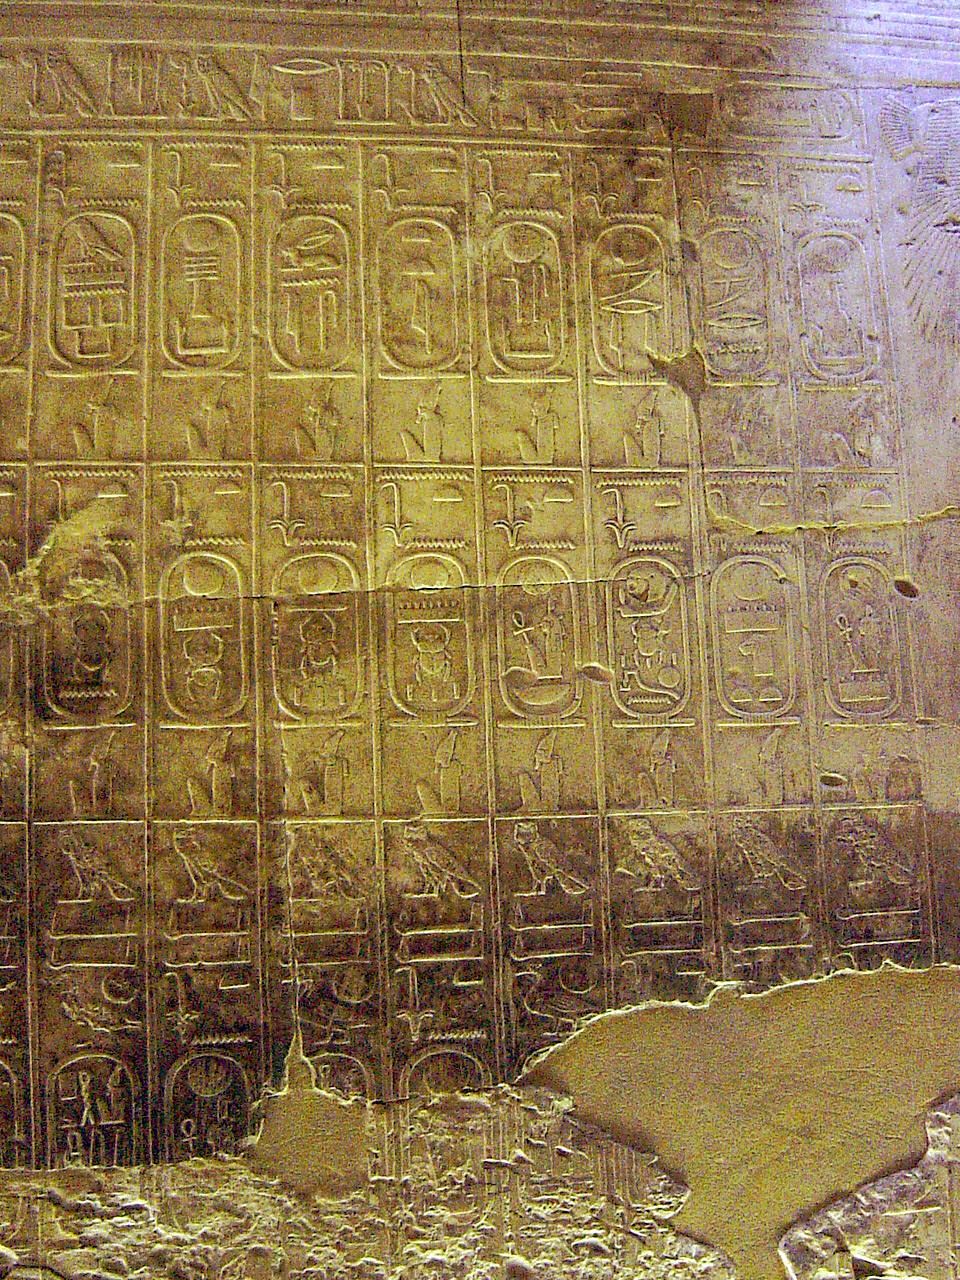 Абидосский список царей